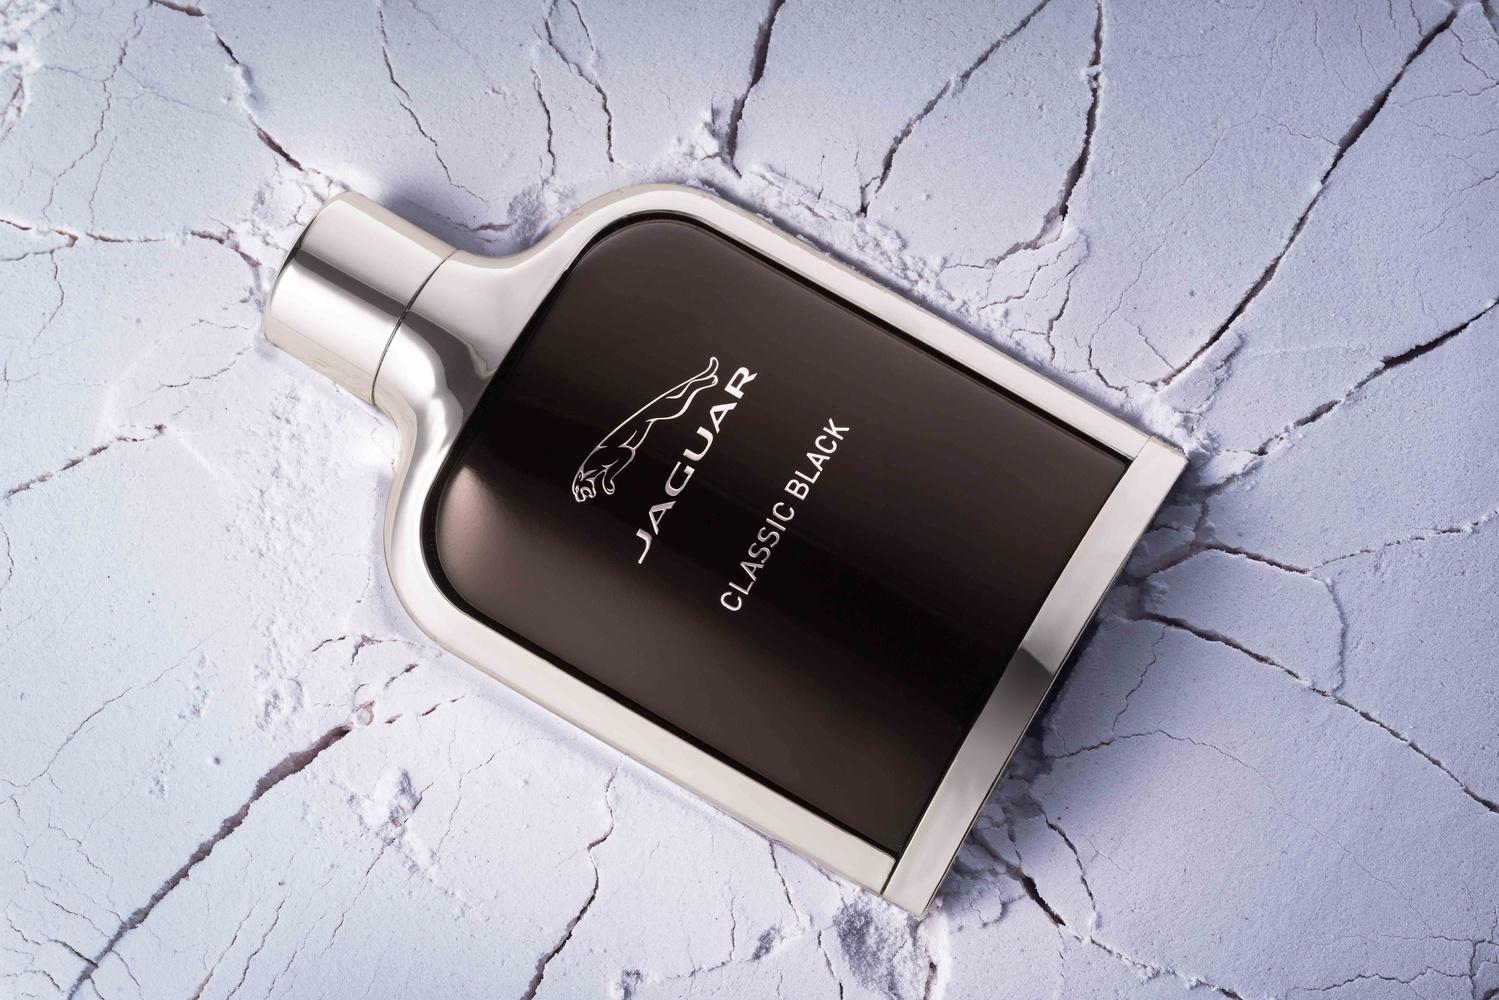 Parfum Jaguar by Matthias Dietrich